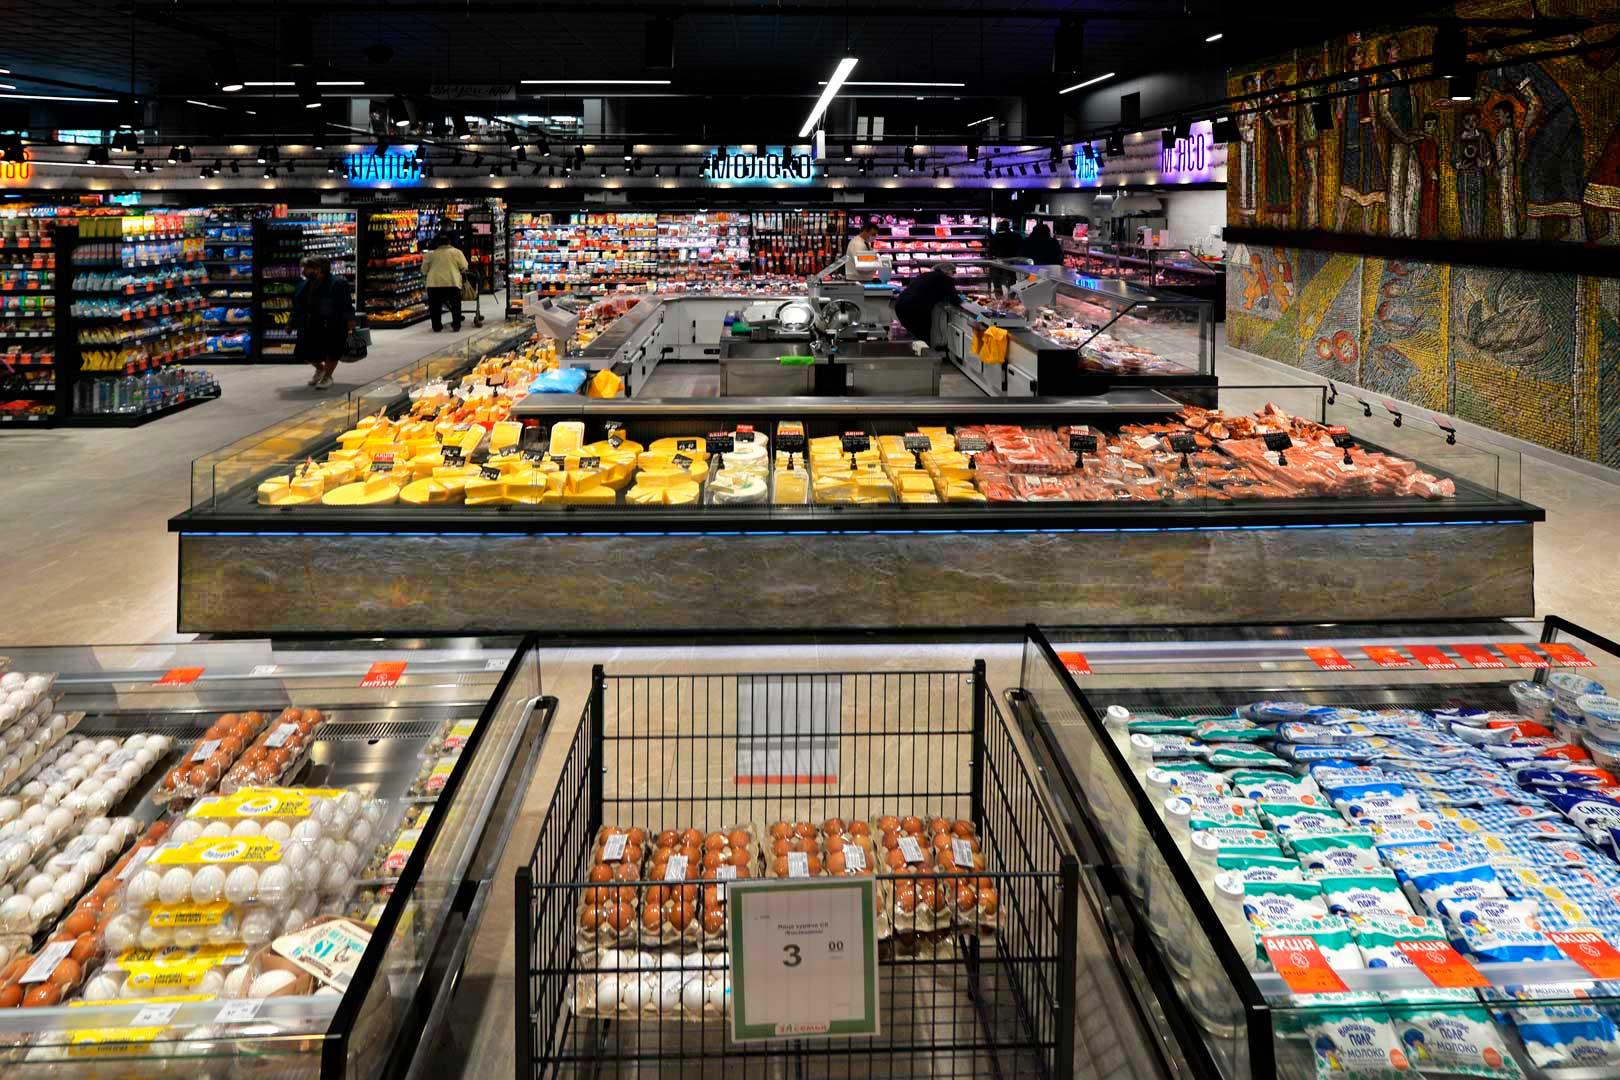 """Холодильні вітрини Virginia AK 115 deli self, Missouri MC 120 deli self 086, супермаркет """"Сім'я"""""""